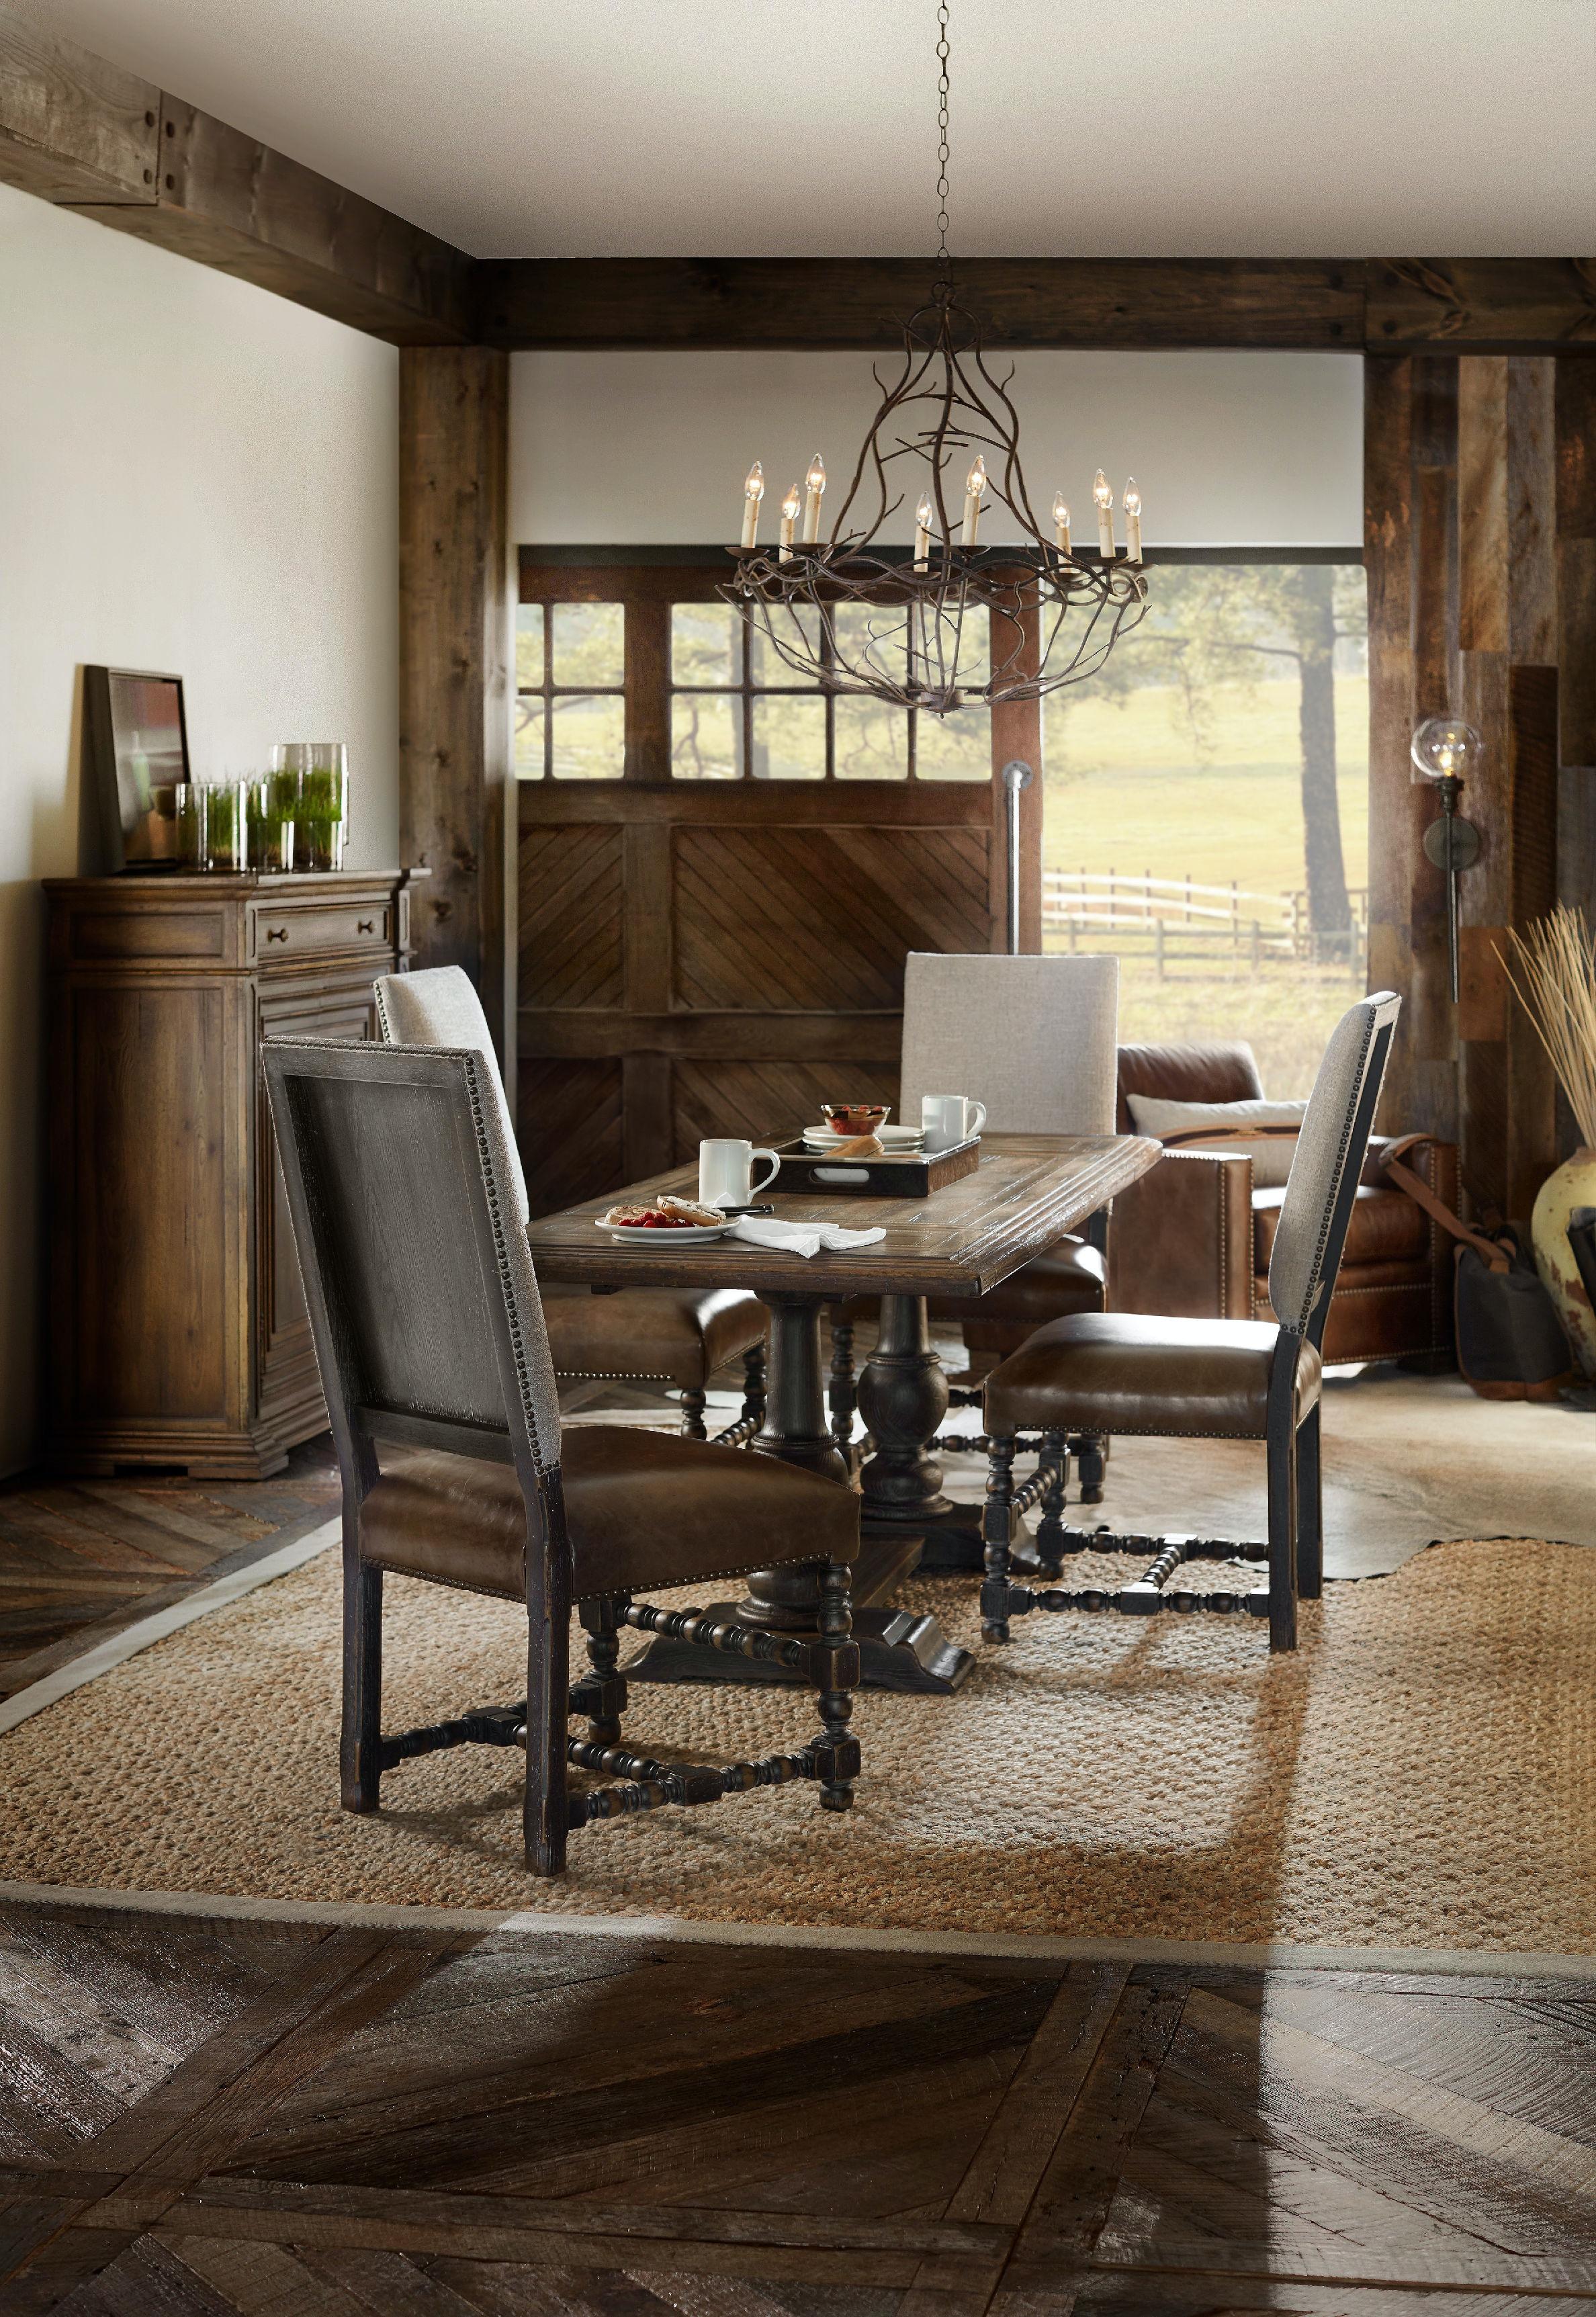 Hooker Furniture Dining Room Comfort Upholstered Side Chair 5960 ...